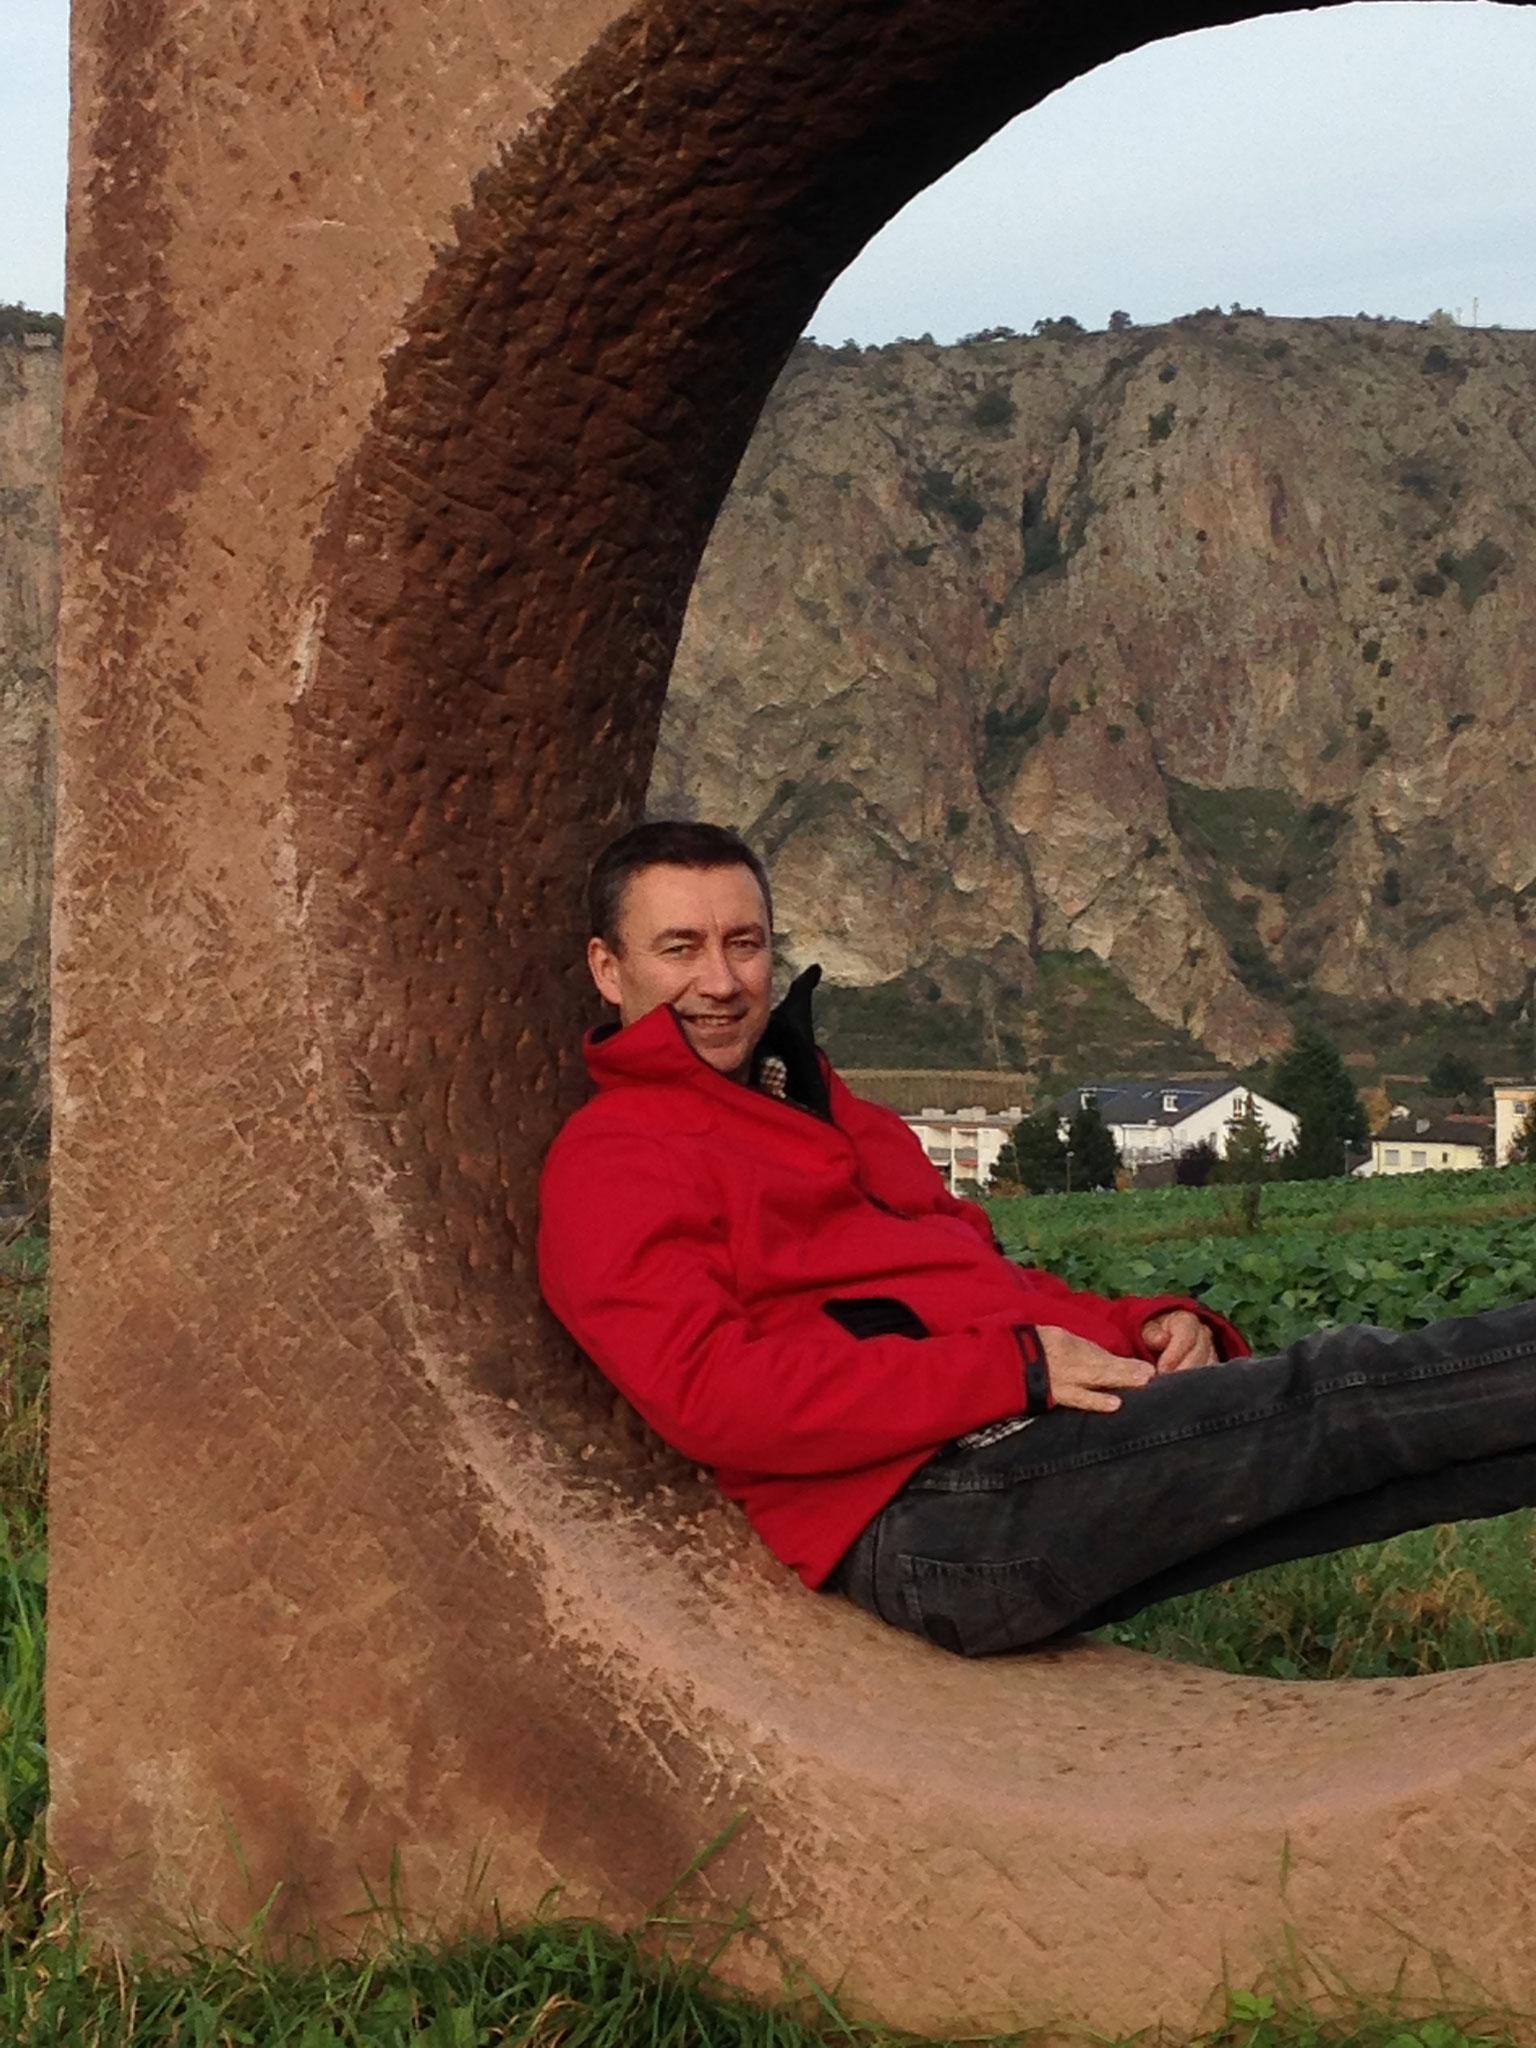 Michael Schmidt-Edinger, Österreich, Mitarbeiter bei der UN